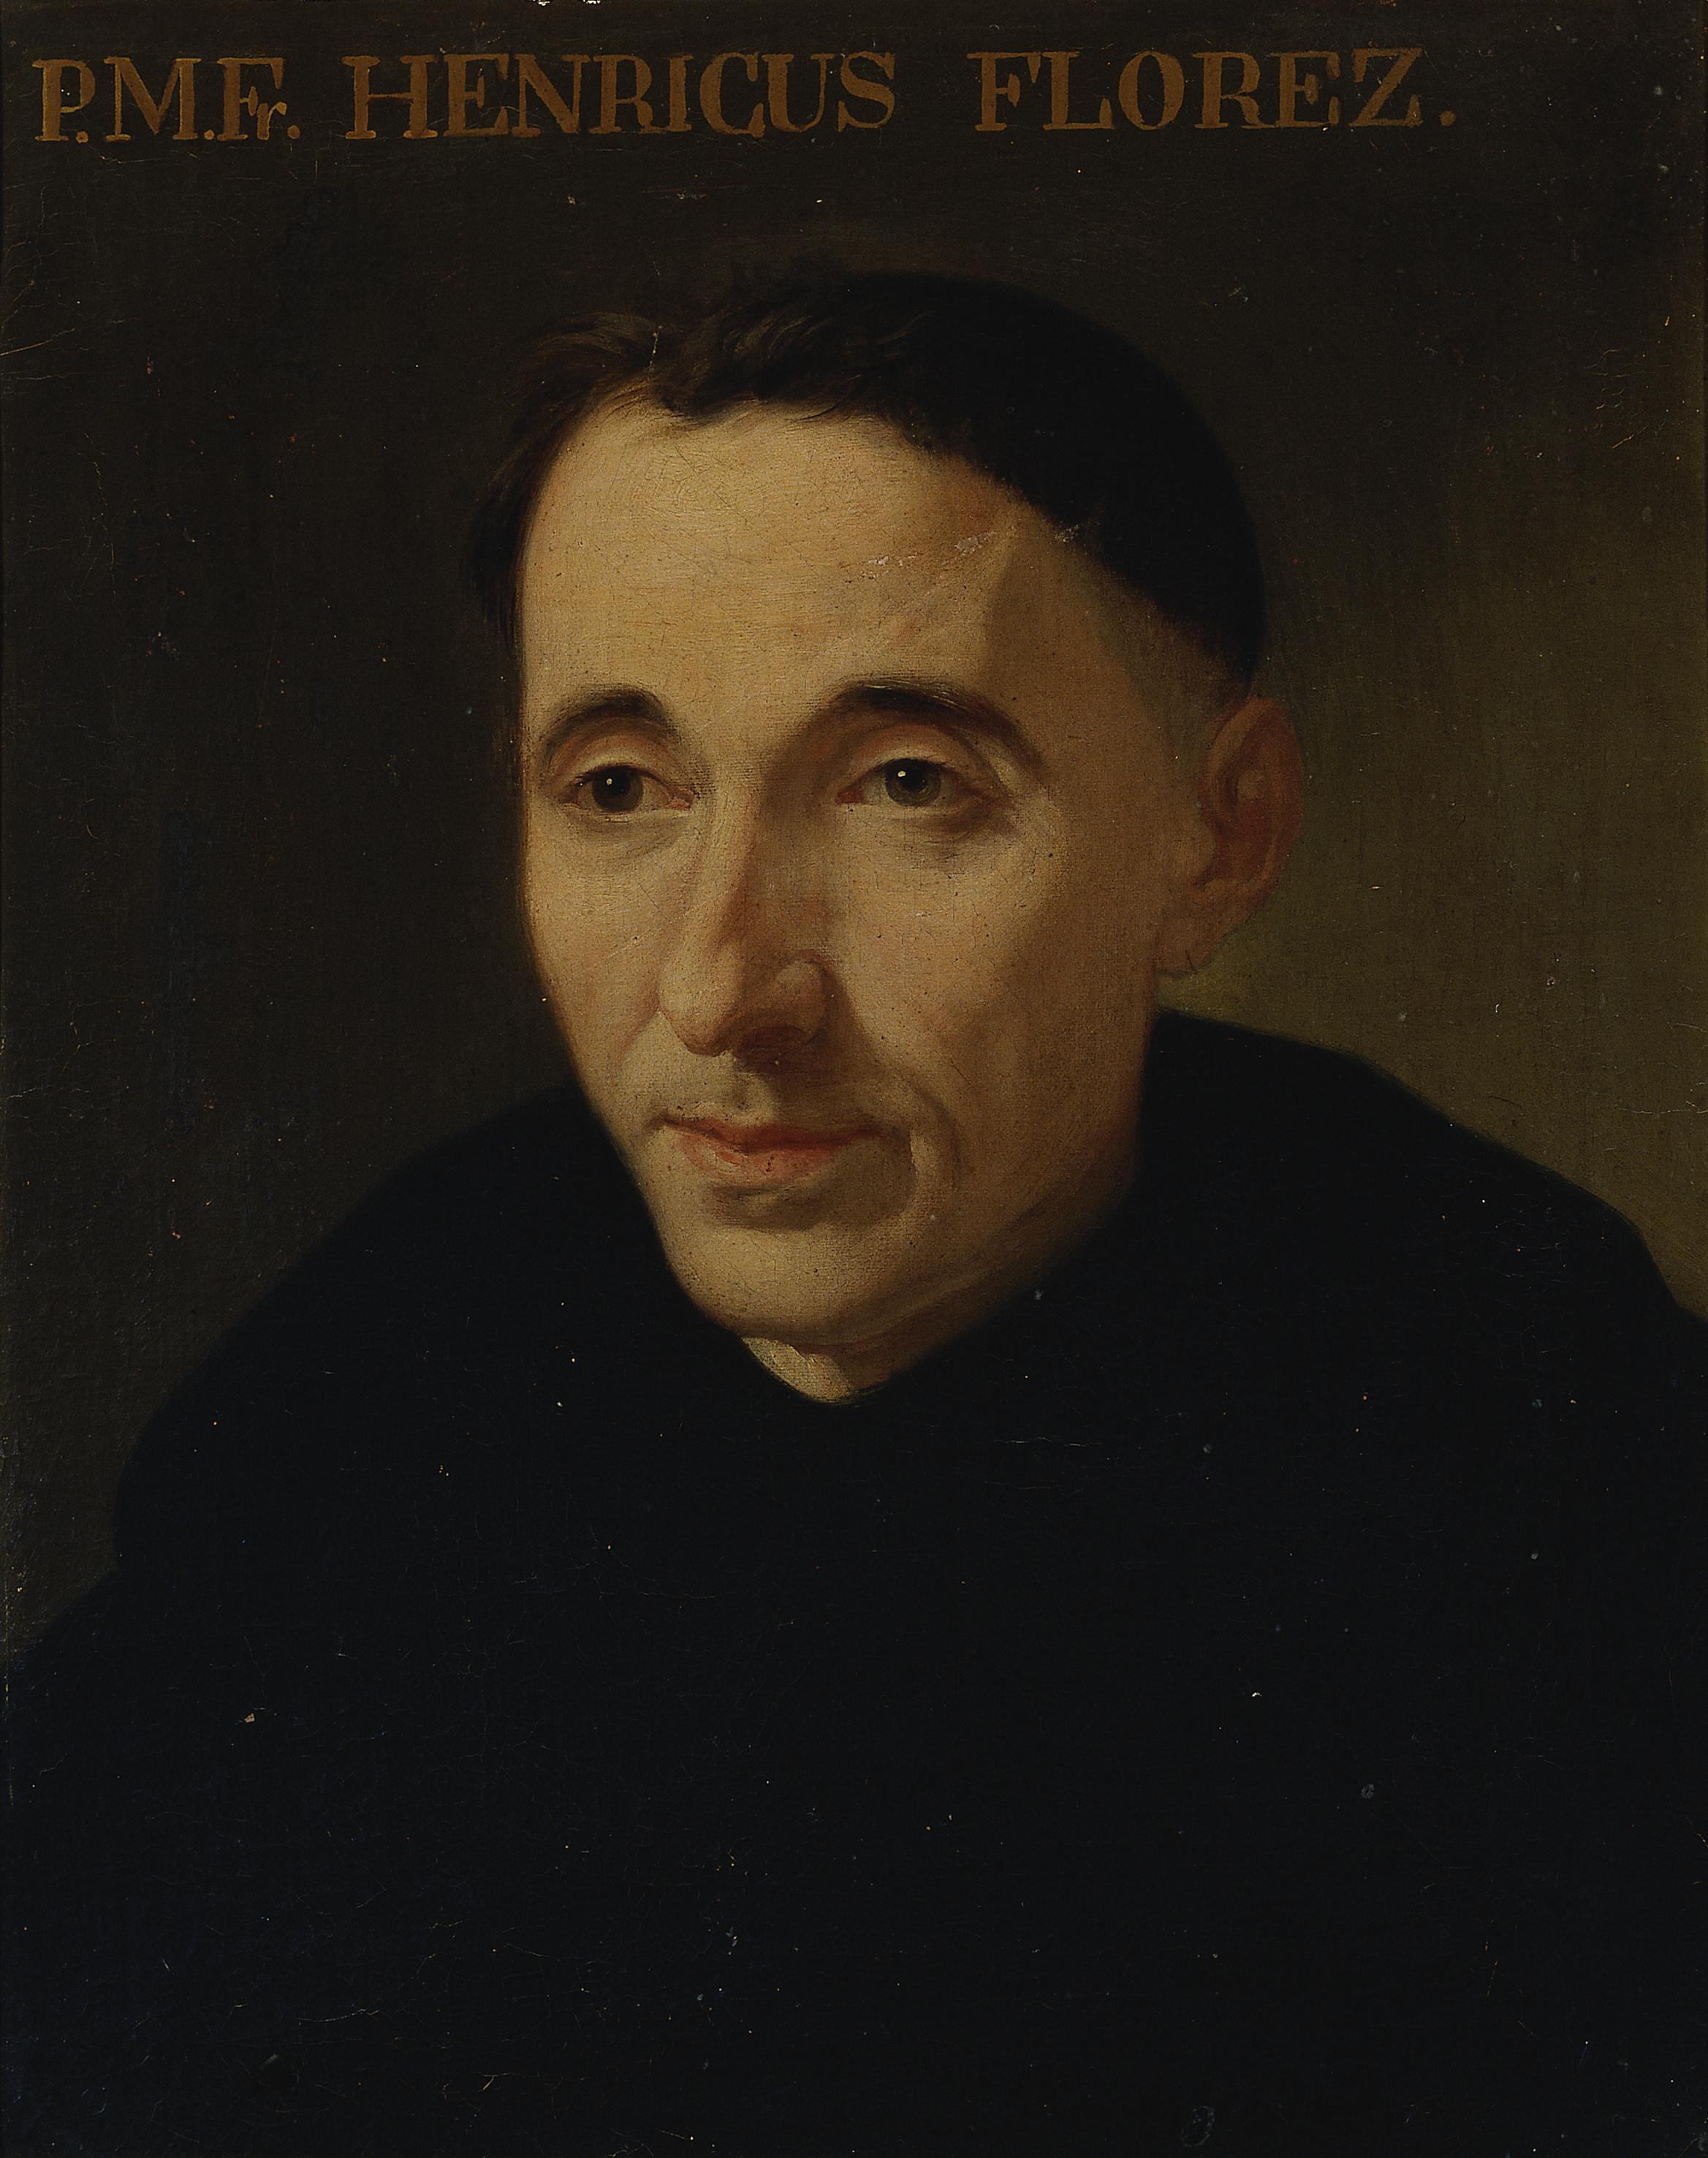 Enrique Florez